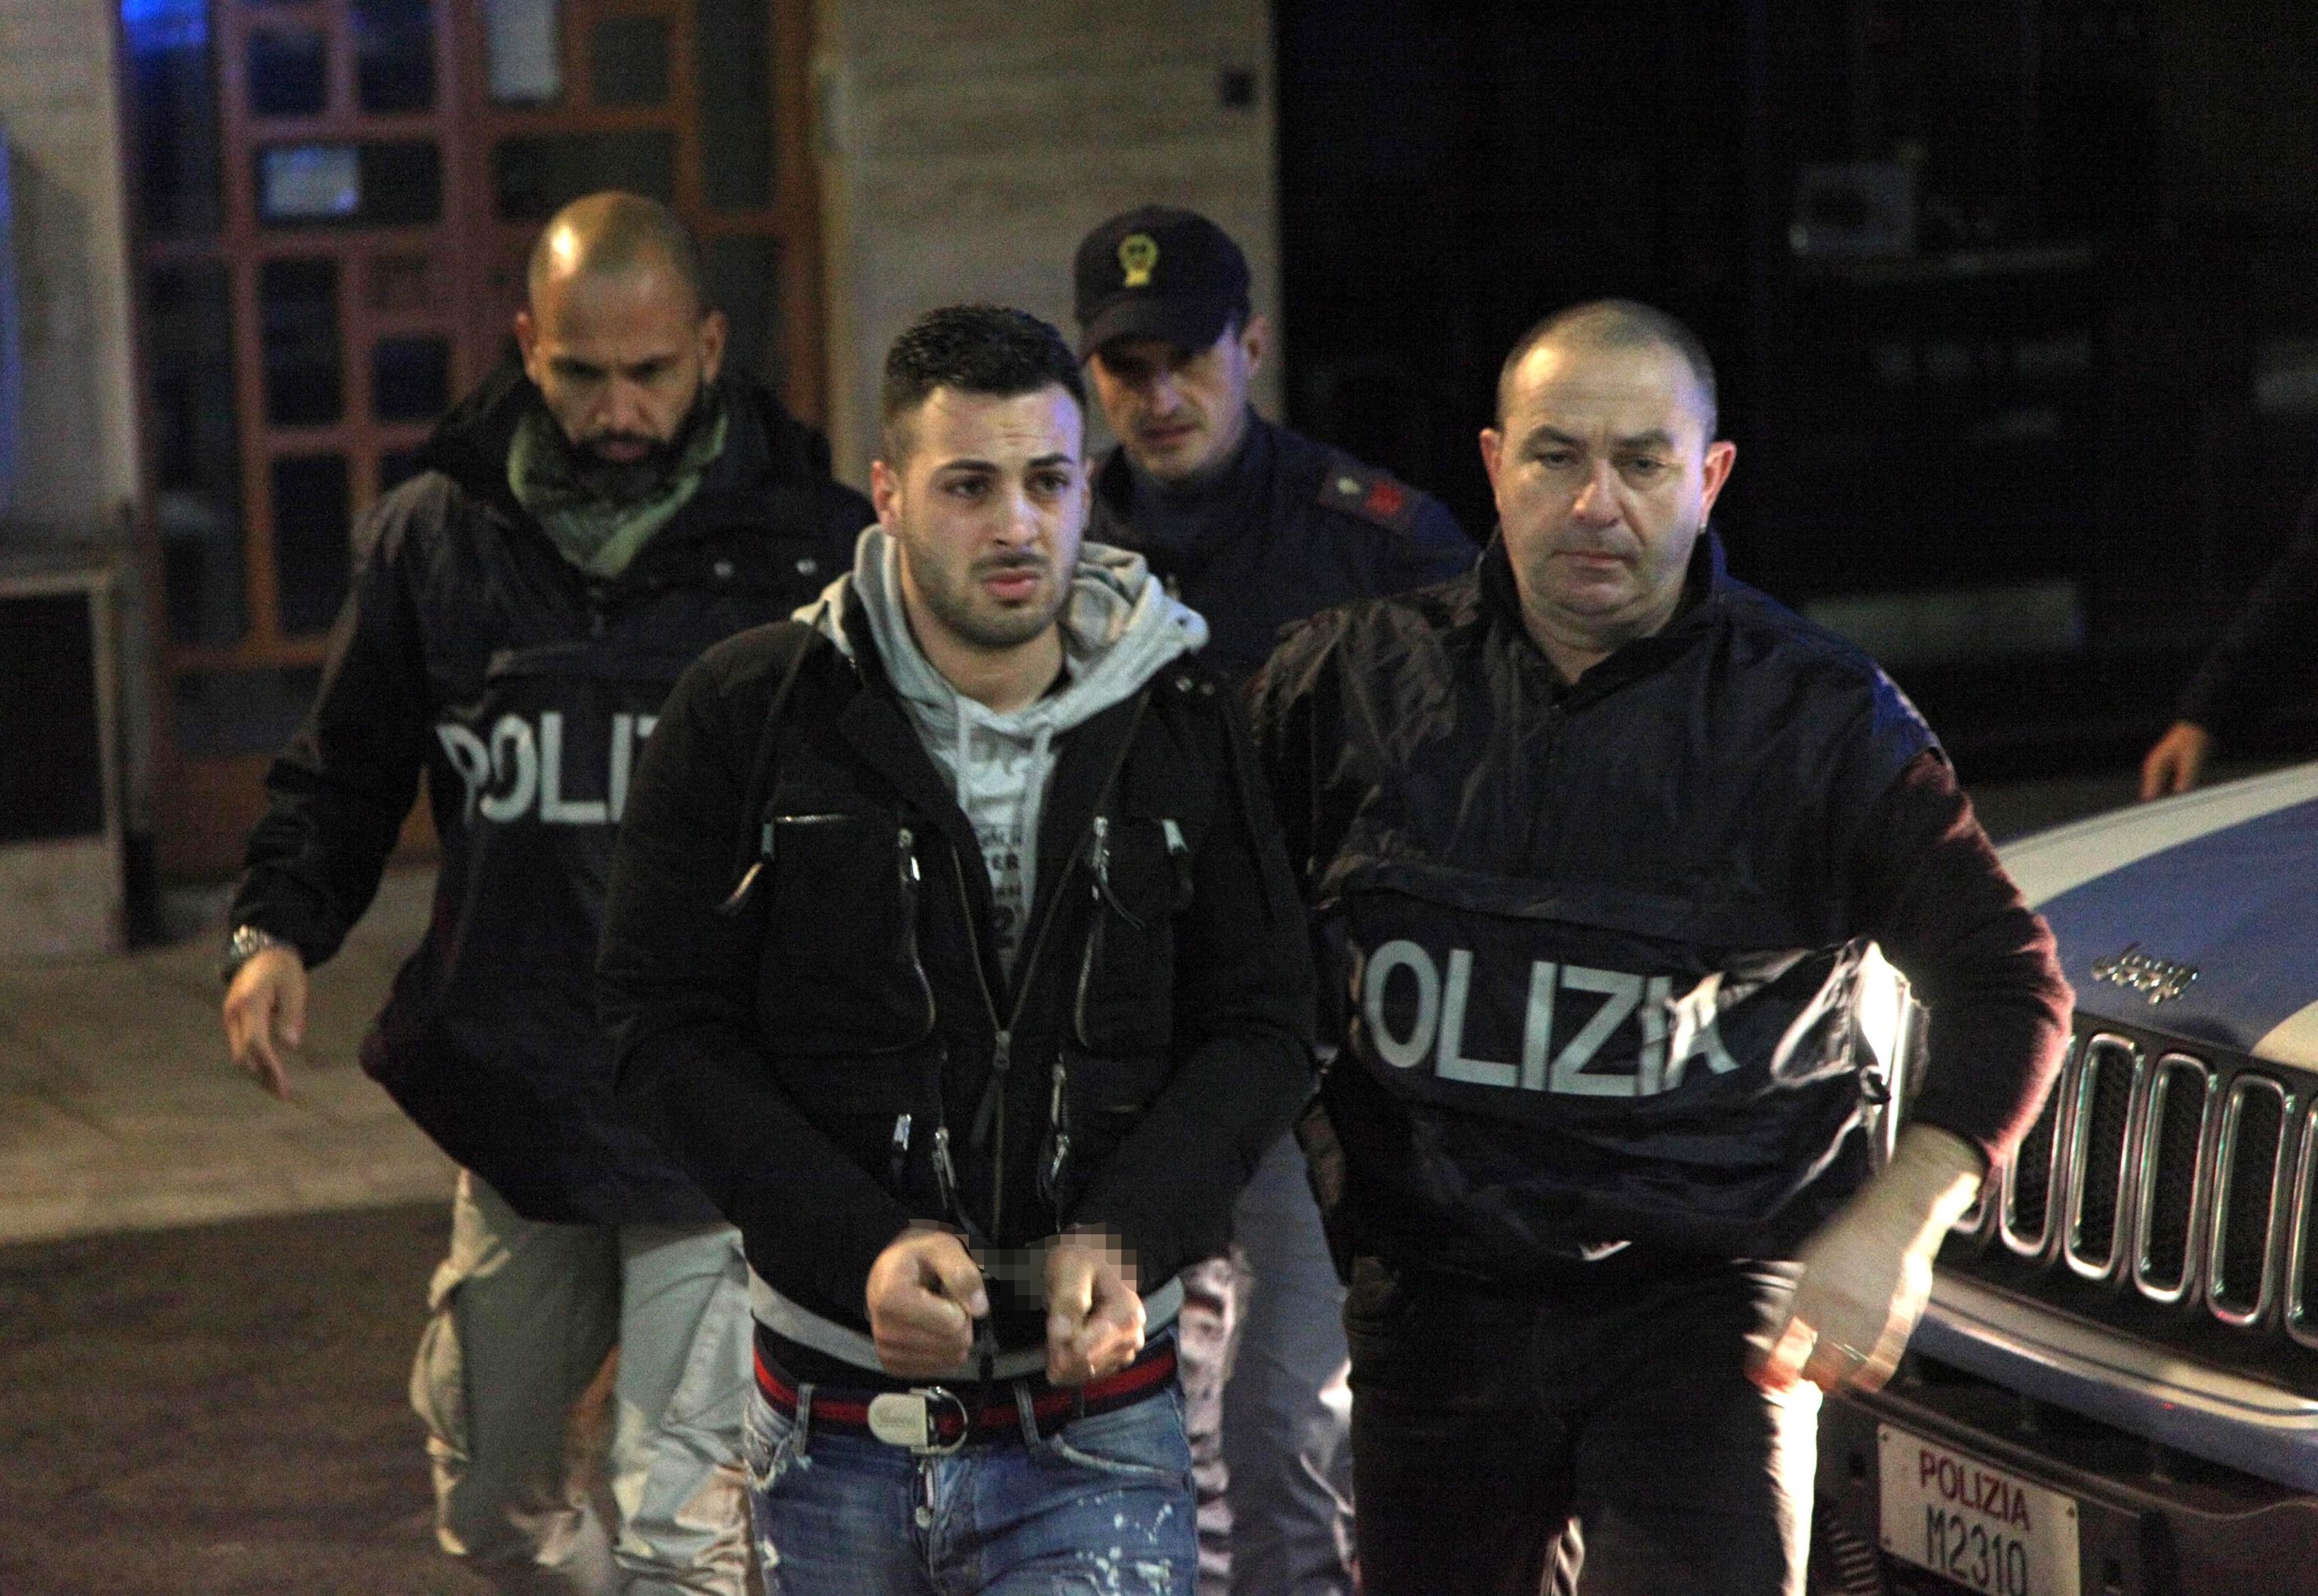 Uno degli arrestati nel corso del blitz internazionale antidroga